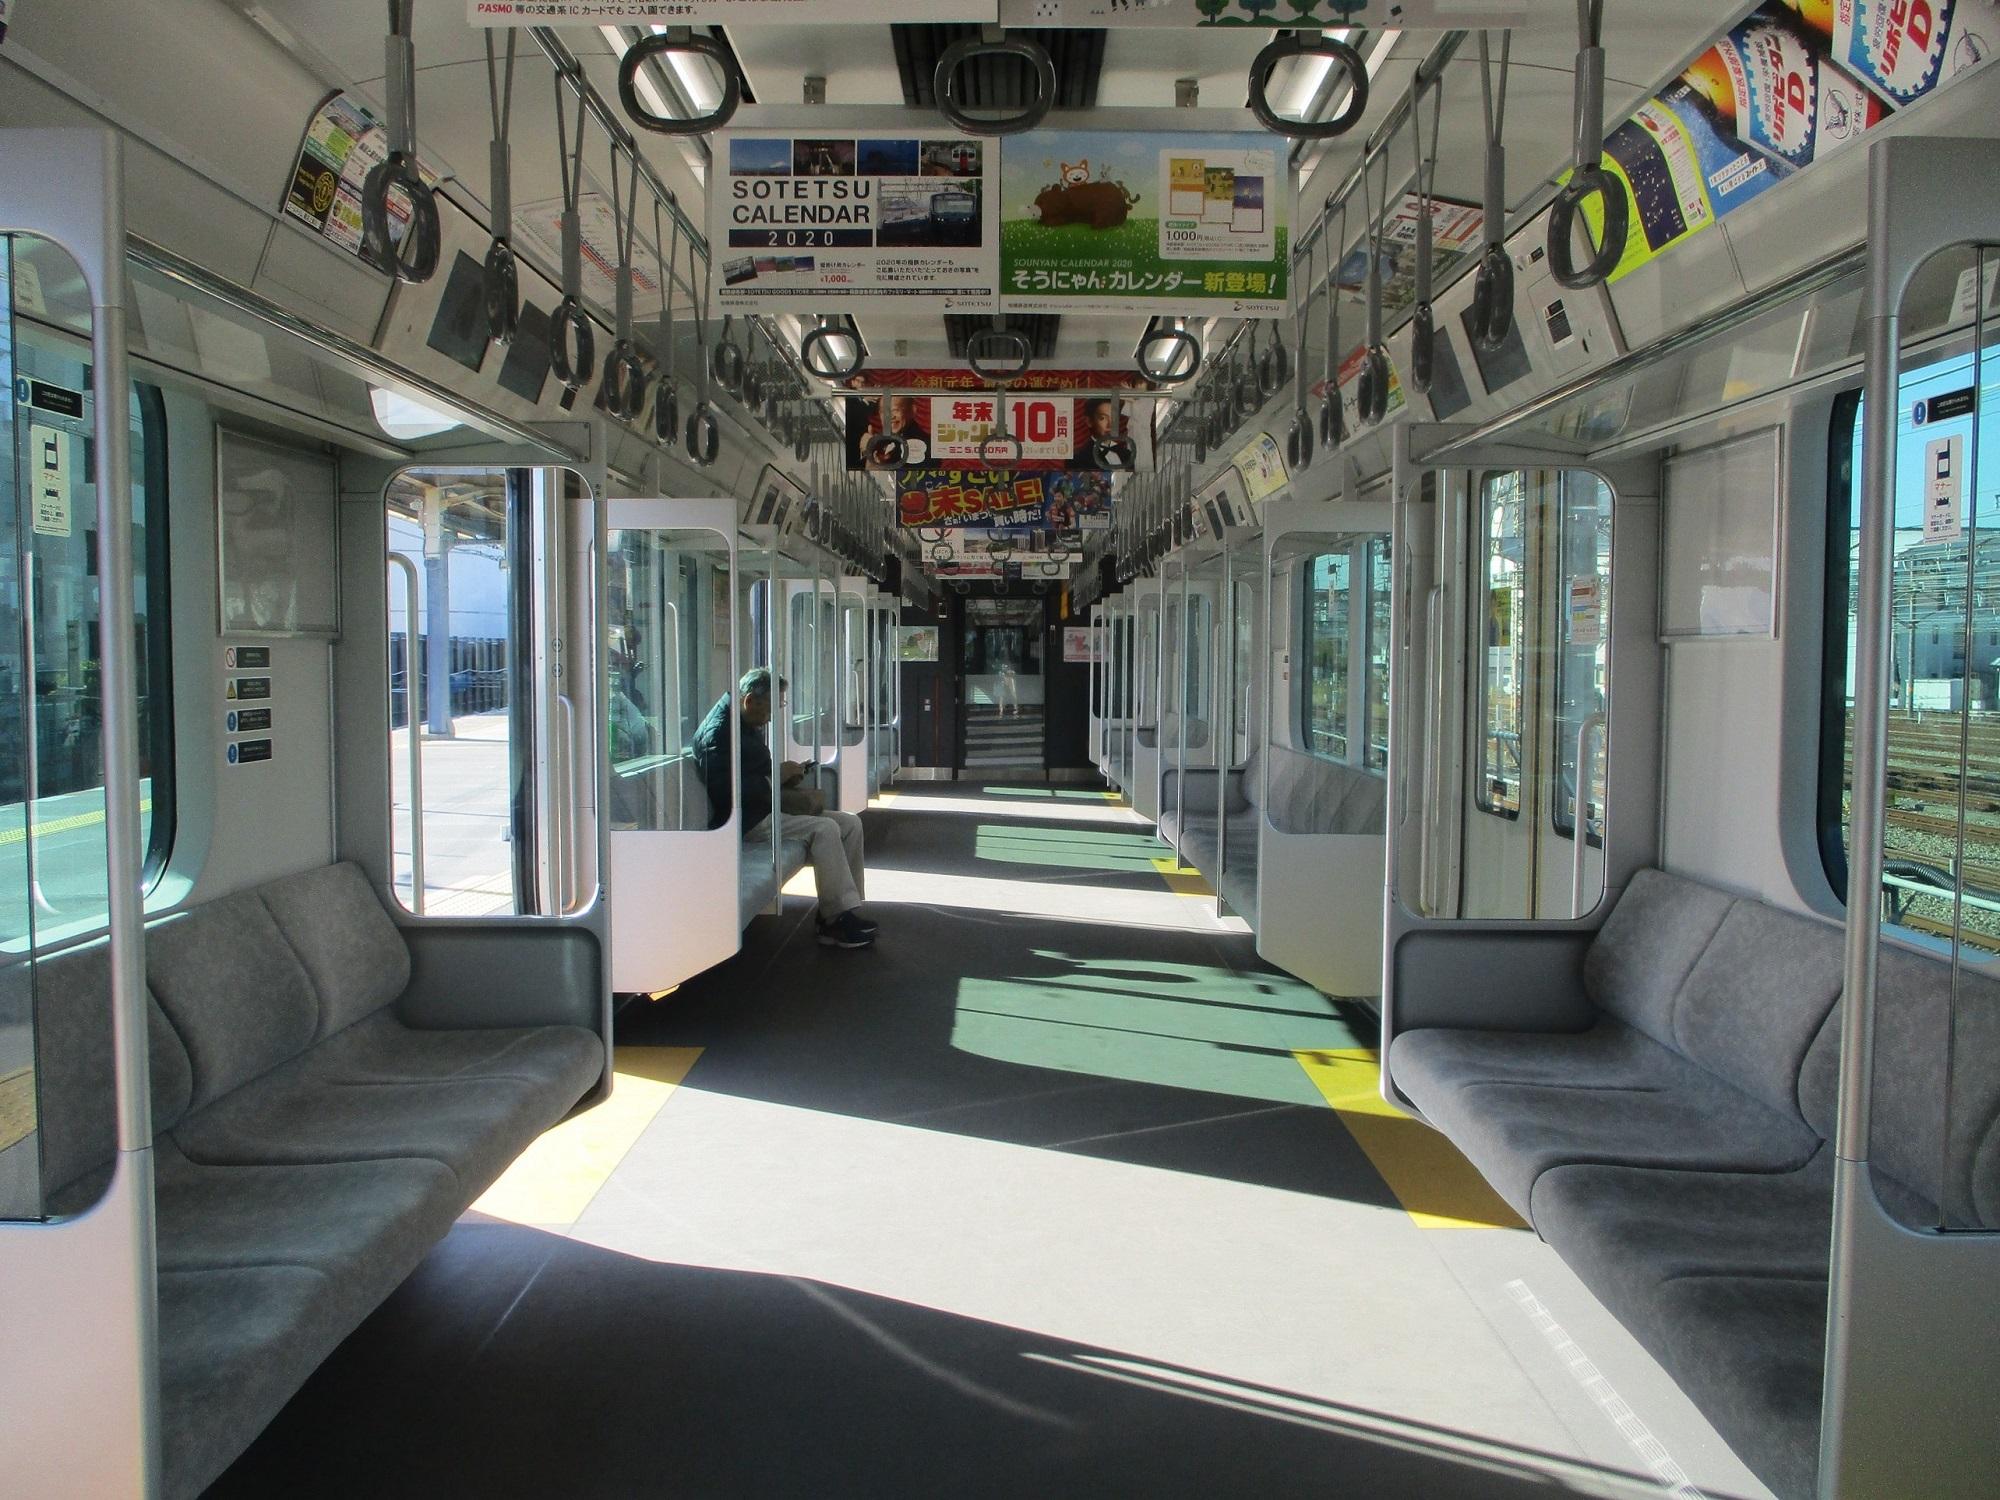 2019.12.16 (72) 新宿いき各停 - 海老名(相鉄) 2000-1500